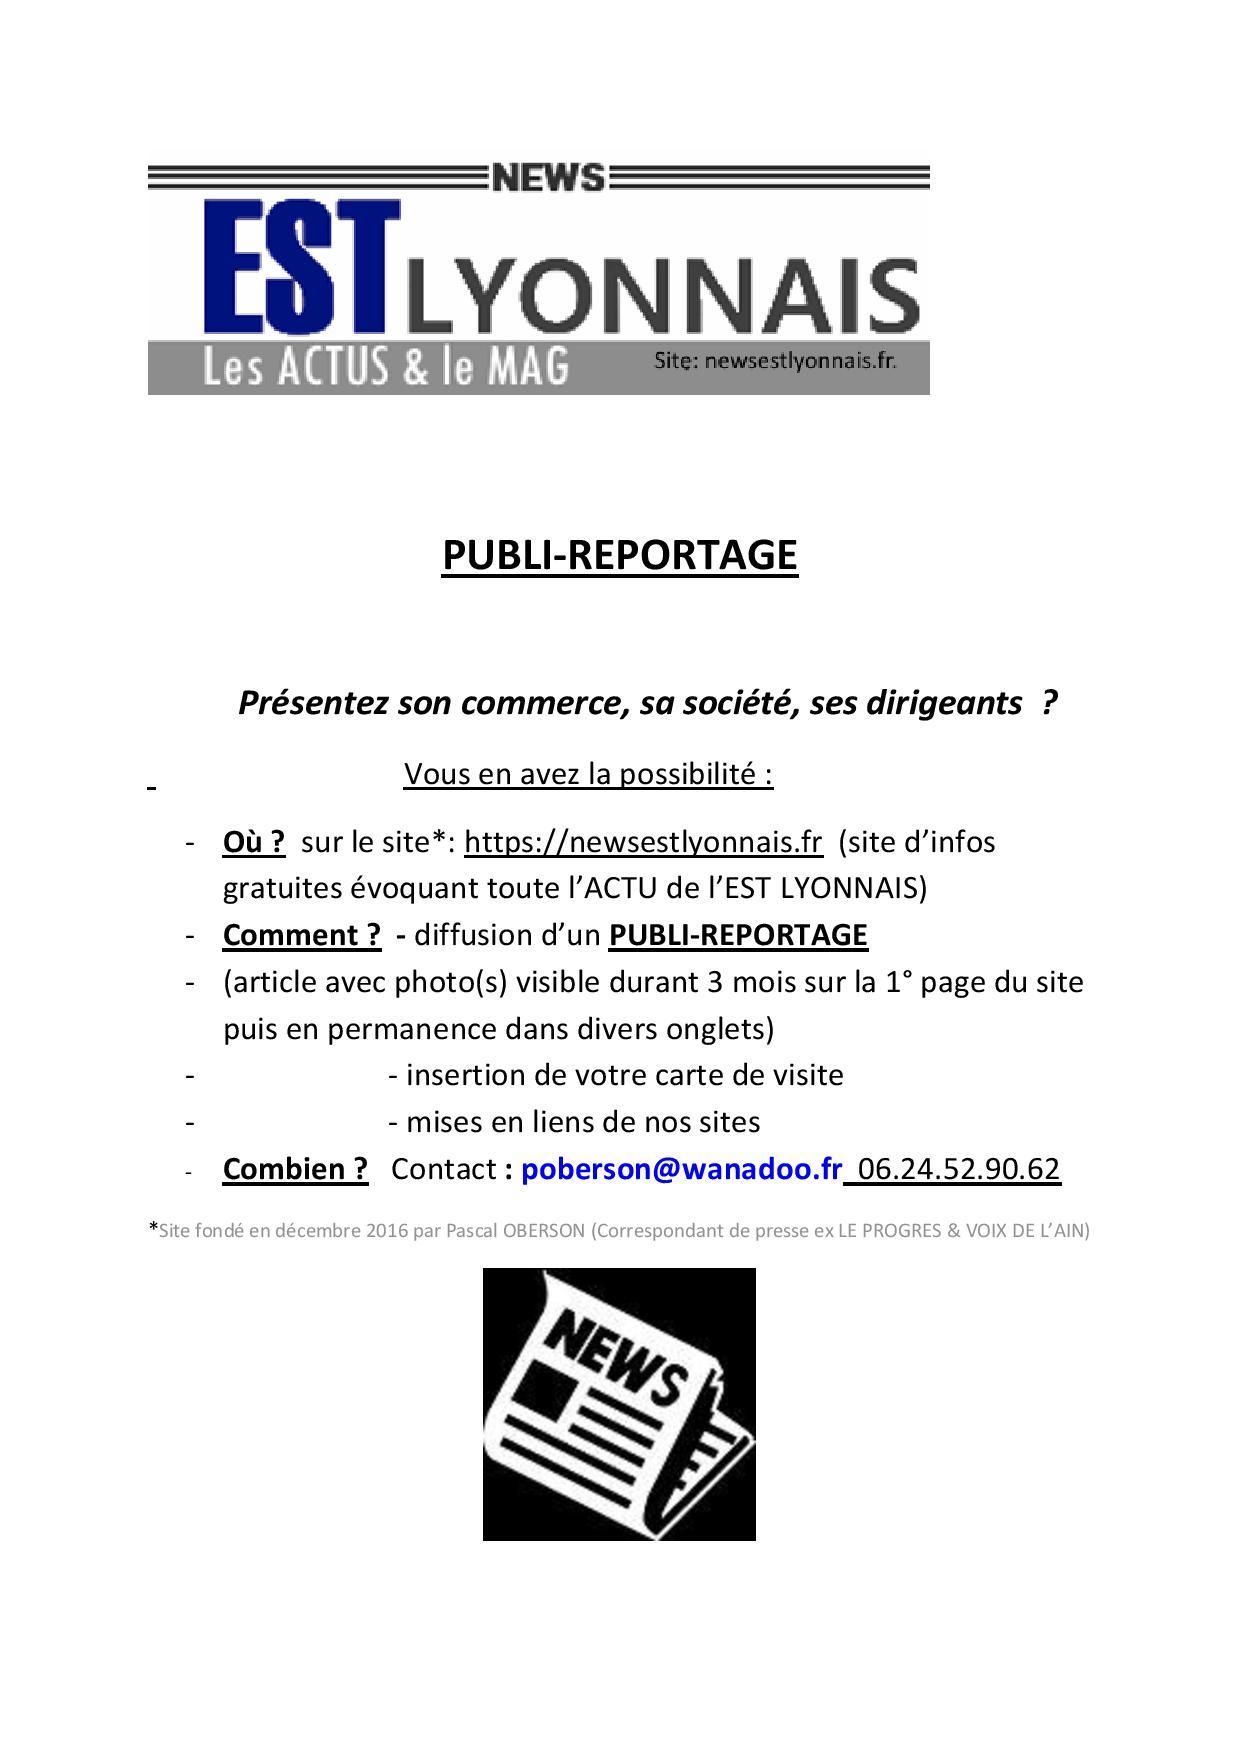 NEWSESTLYONNAIS – PUBLI-REPORTAGE